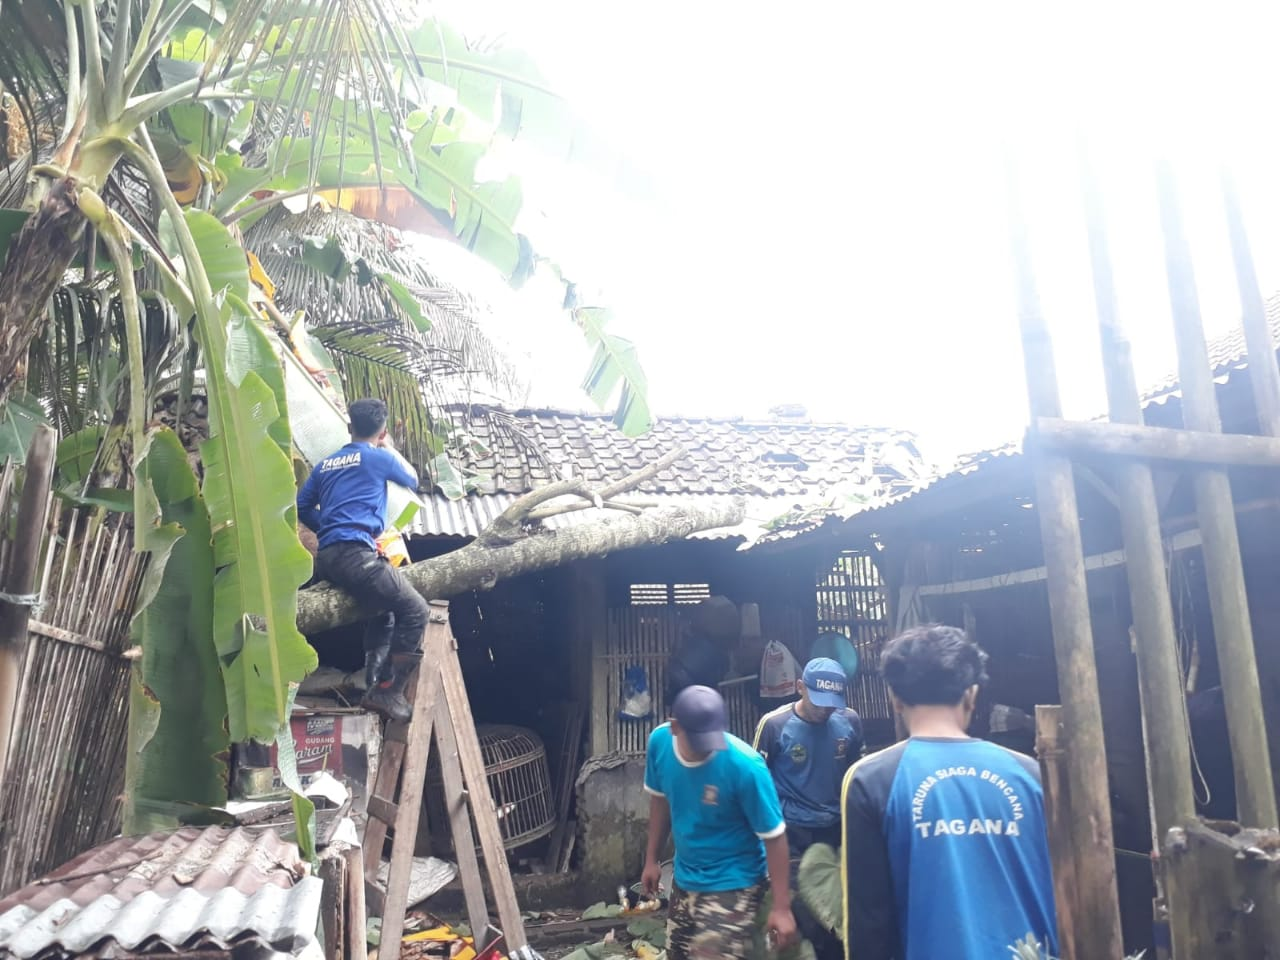 Rumah rusak akibat diterpa angin kencang di Ciamis Jabar (Kayan / Mattanews.co)